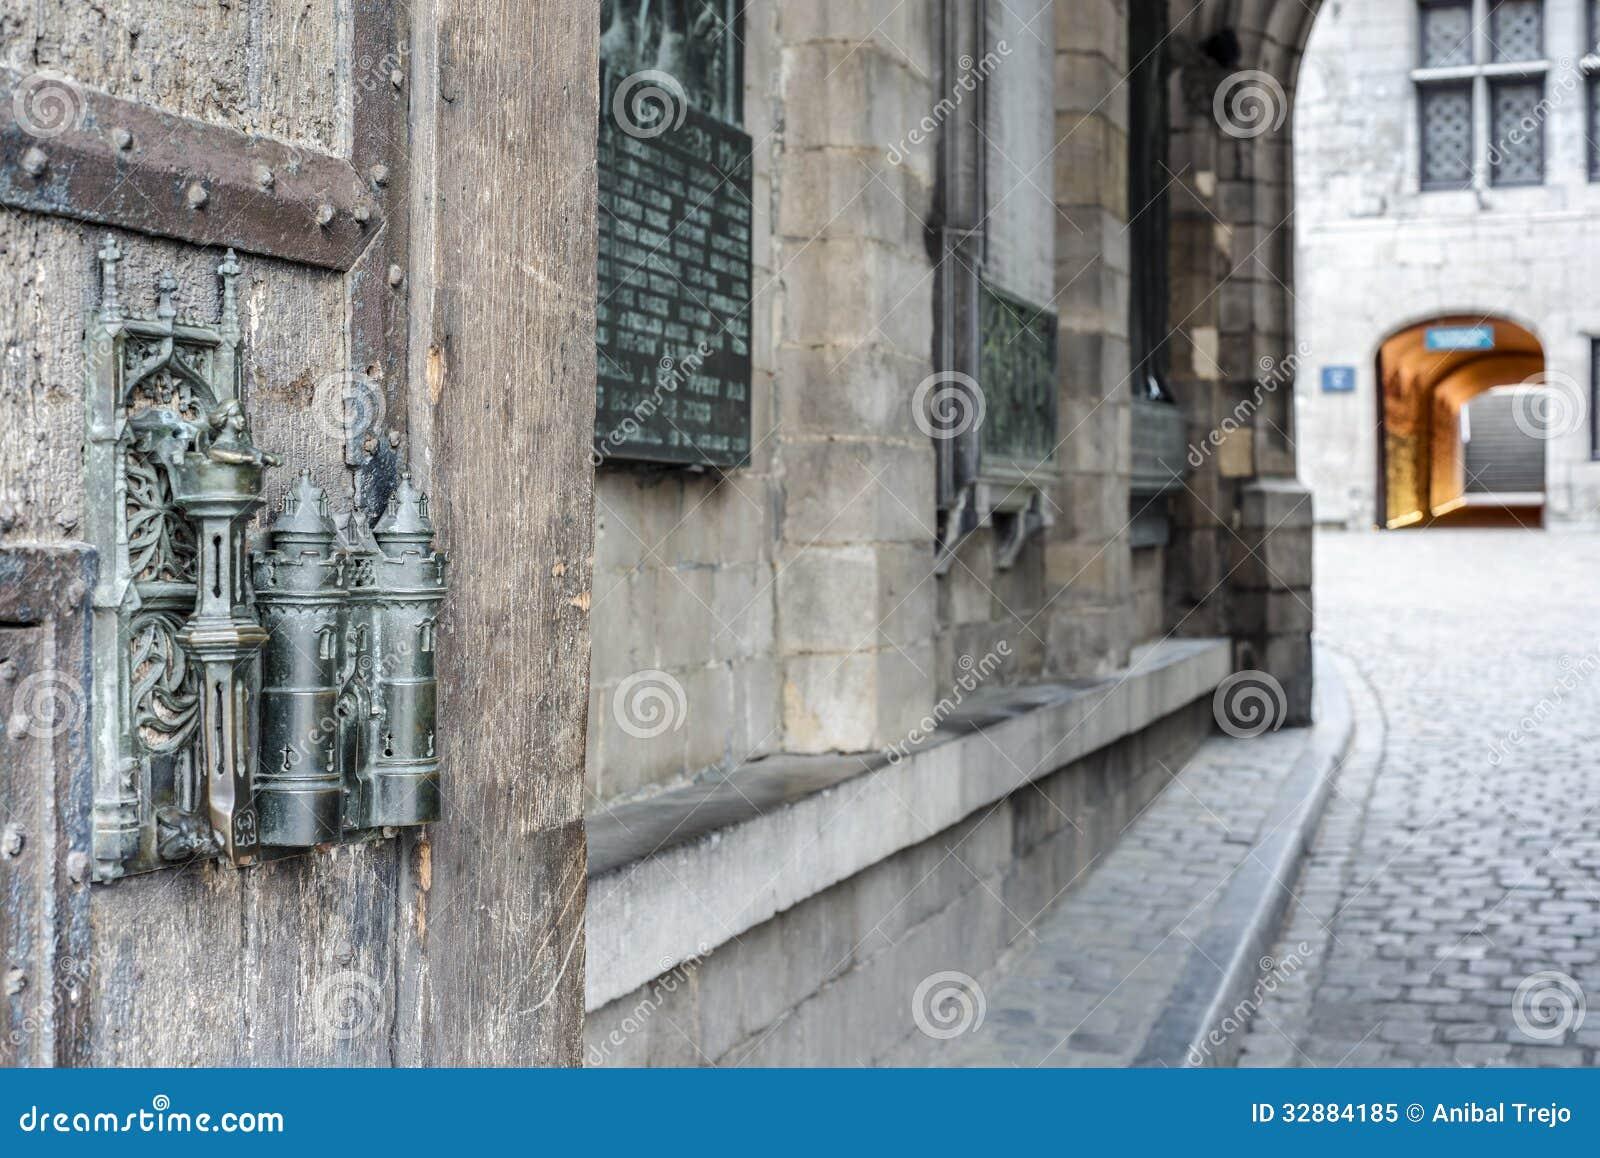 la serrure et la porte d 39 h tel de ville tirent dedans mons belgique image stock image du. Black Bedroom Furniture Sets. Home Design Ideas